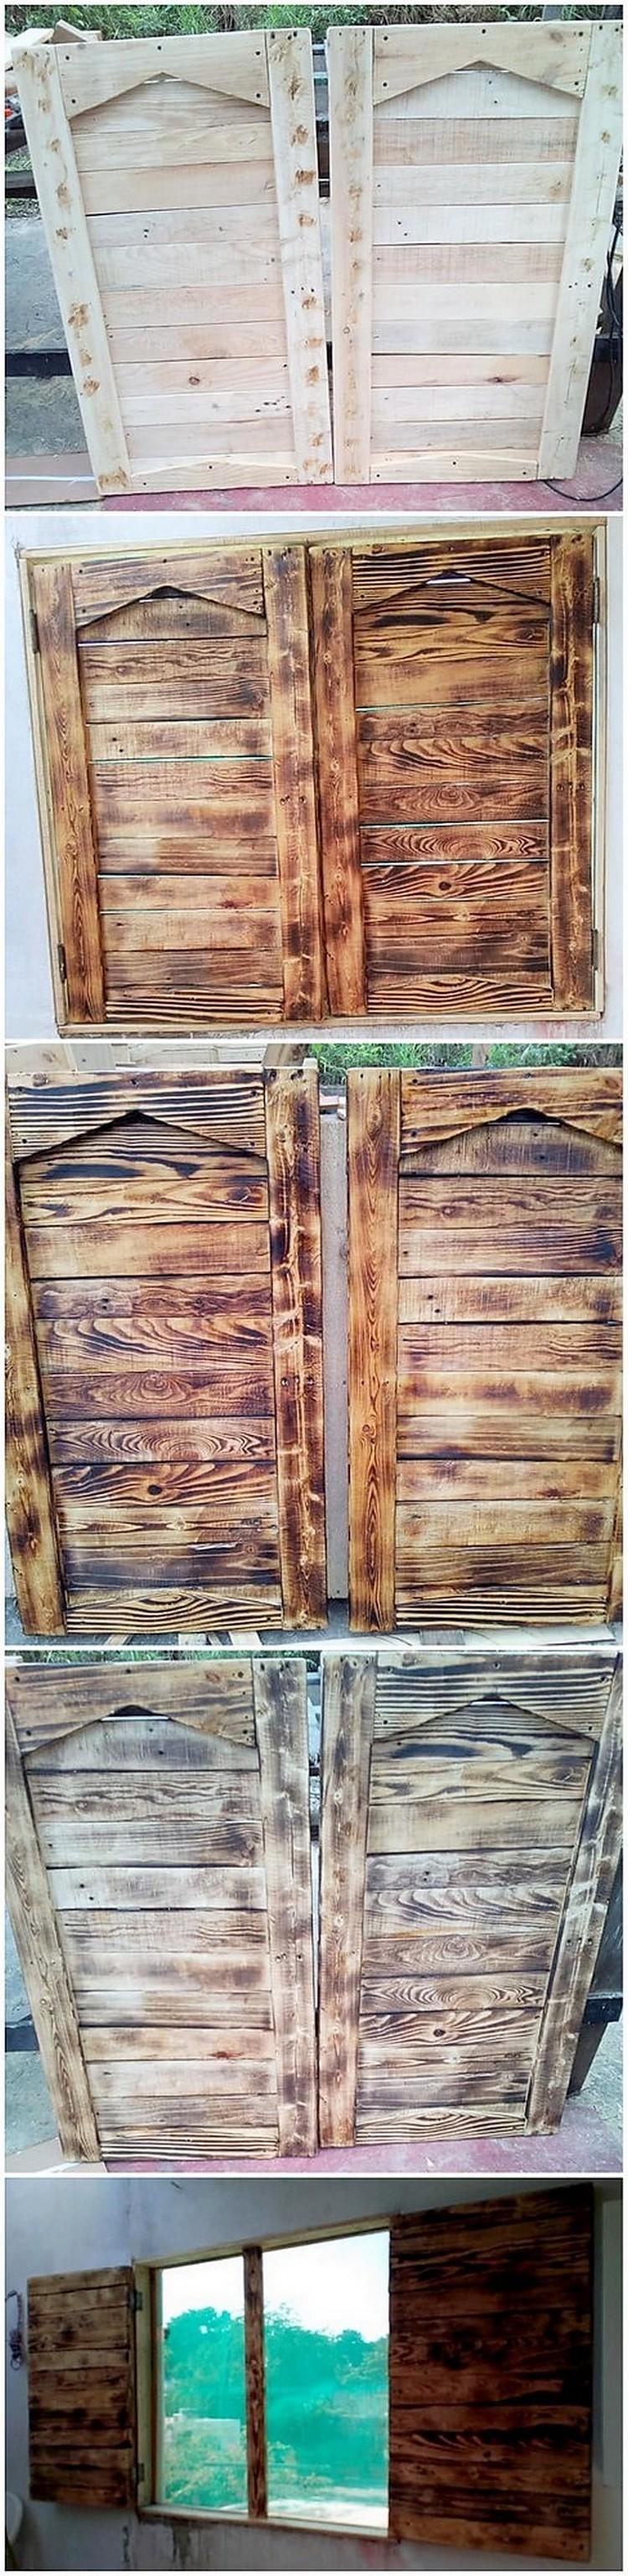 Pallet Window Doors